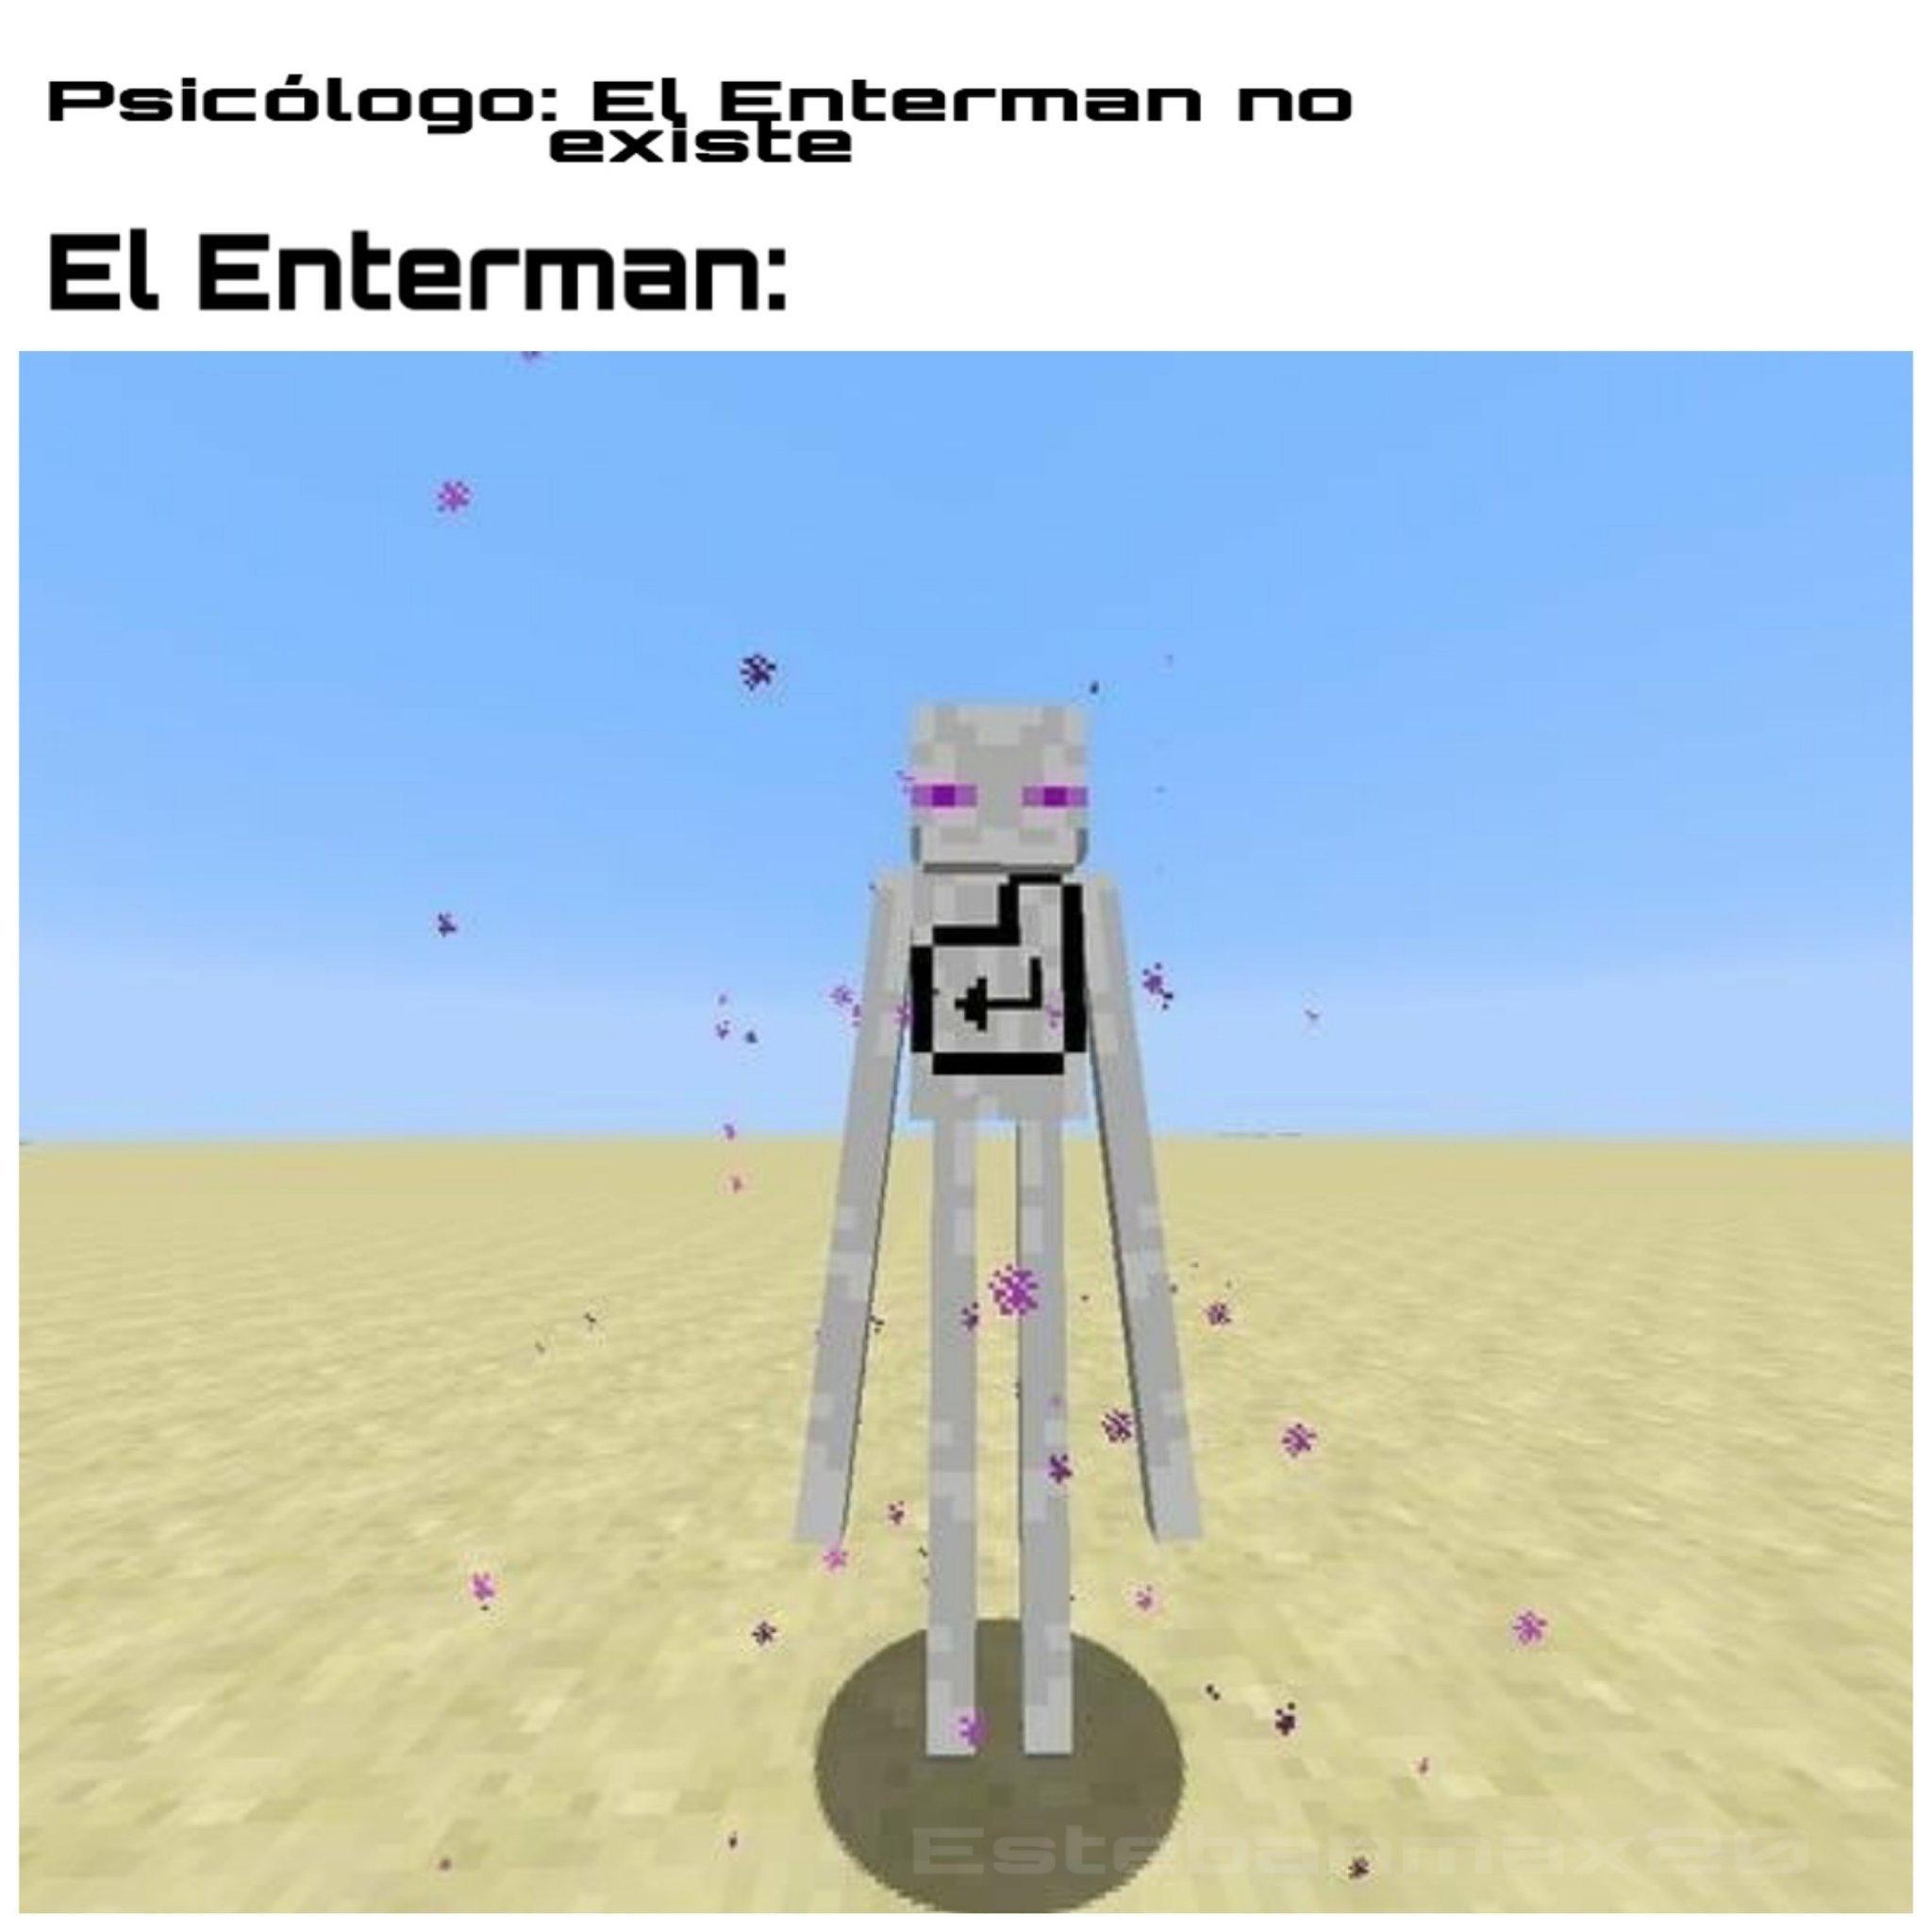 Enterman - meme